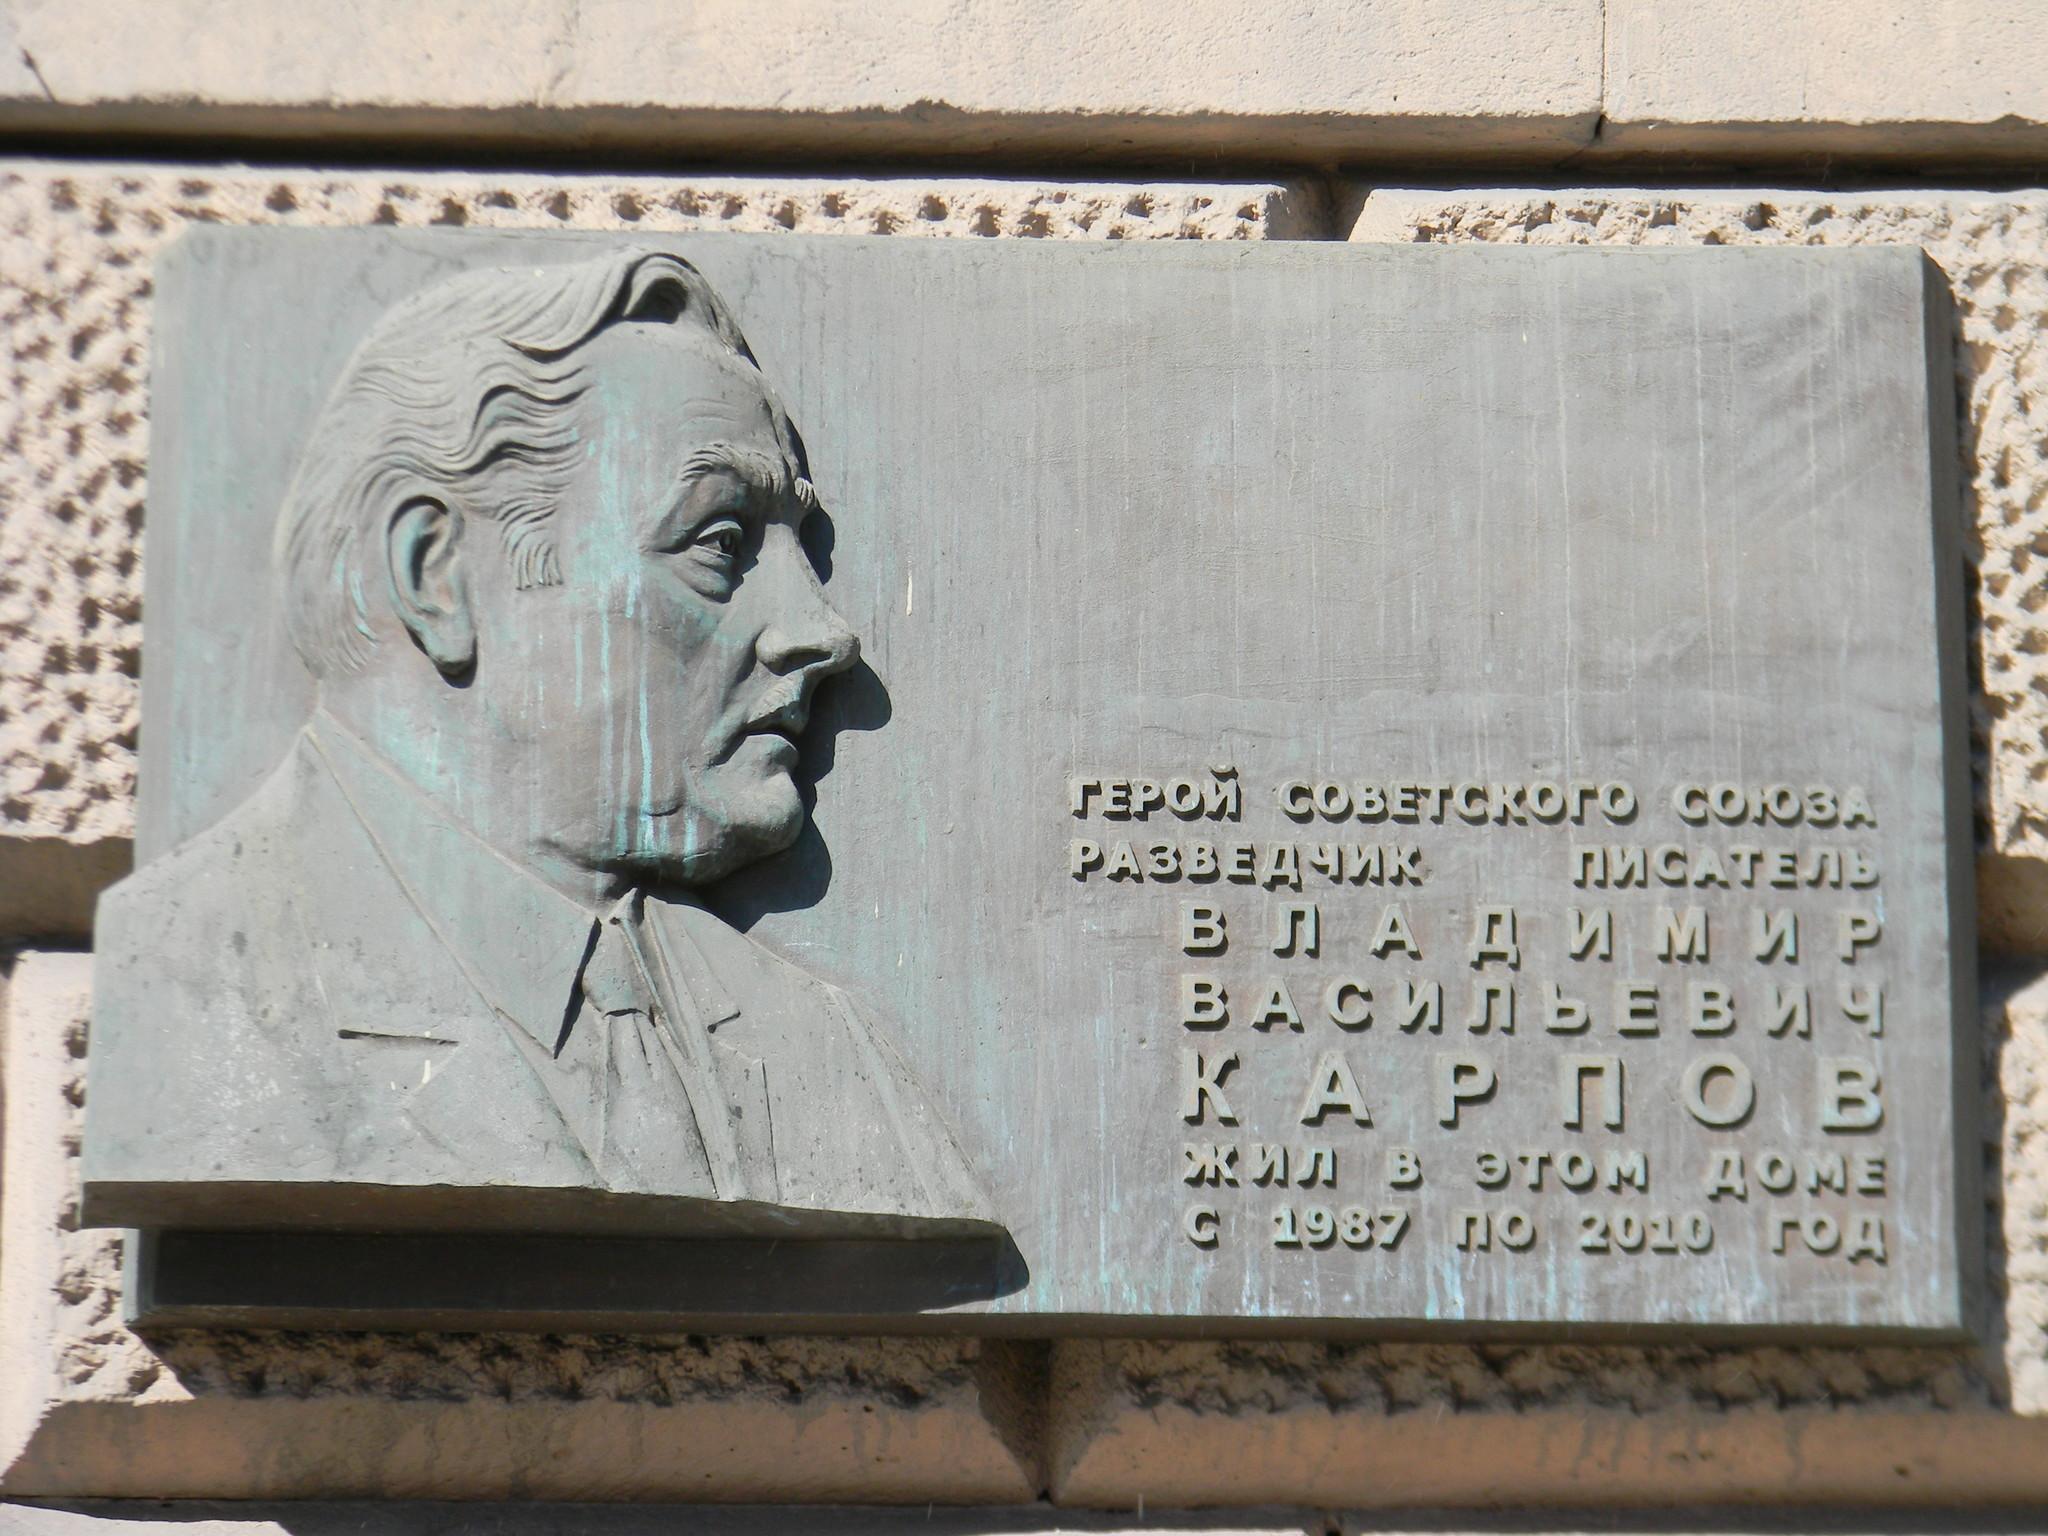 Мемориальная доска с барельефом писателя Владимира Васильевича Карпова на доме № 26 по Кутузовскому проспекту